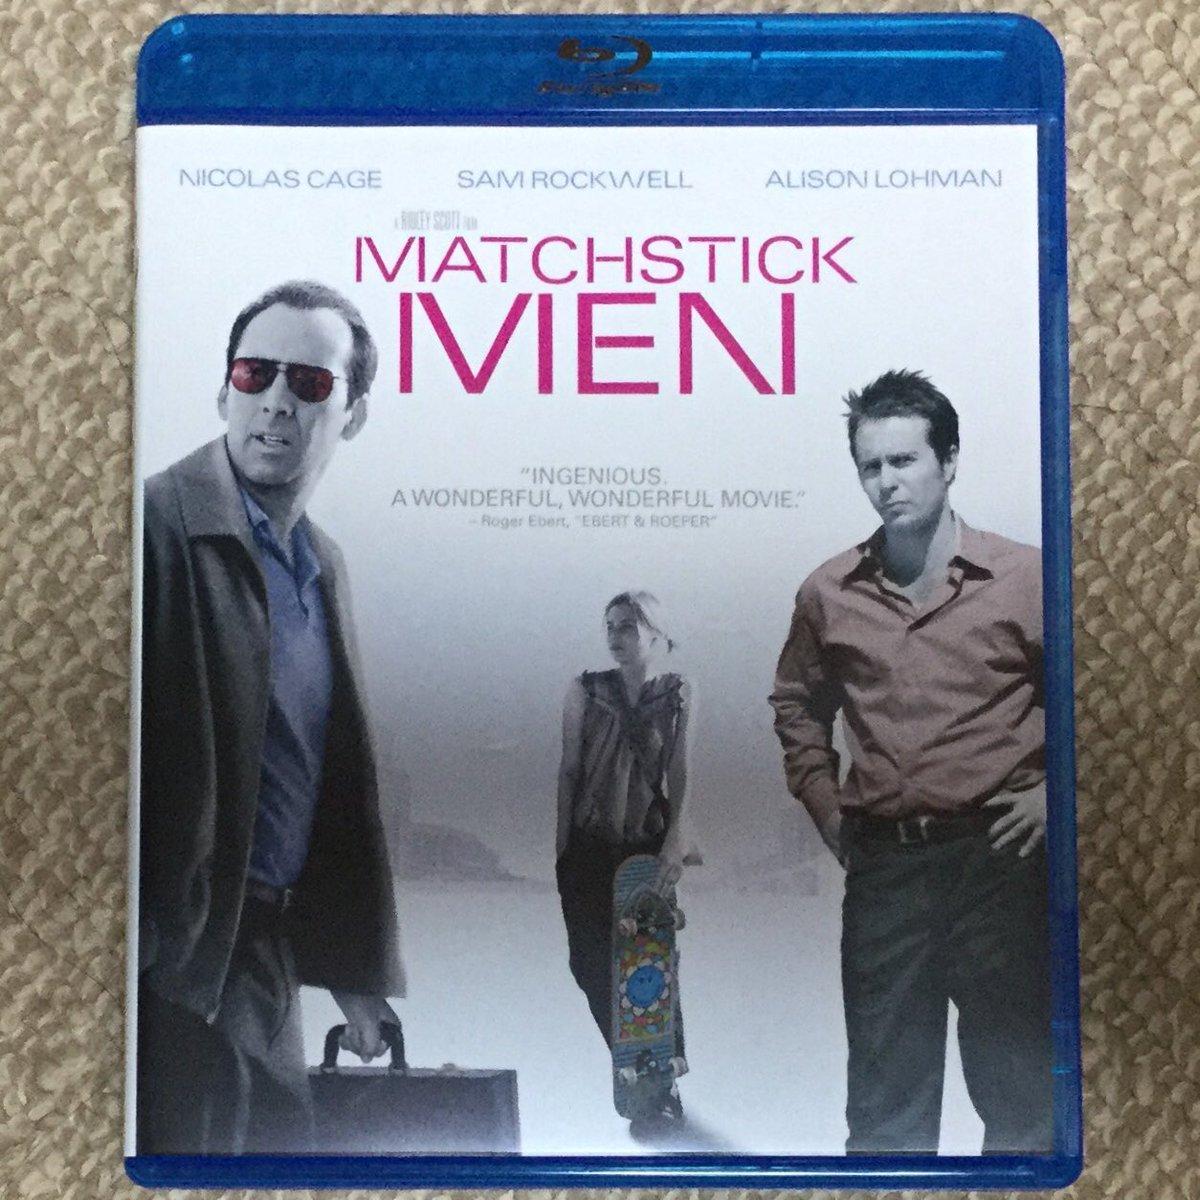 今日のSam Rockwell映画''MATCHSTICK MEN''!詐欺師コンビの物語!ラストに、まさかの大どんでん返しで思わず声が出た!Sam Rockwellいかにも詐欺師!So good! #SamRockwell https://t.co/xQrDyFoEuX